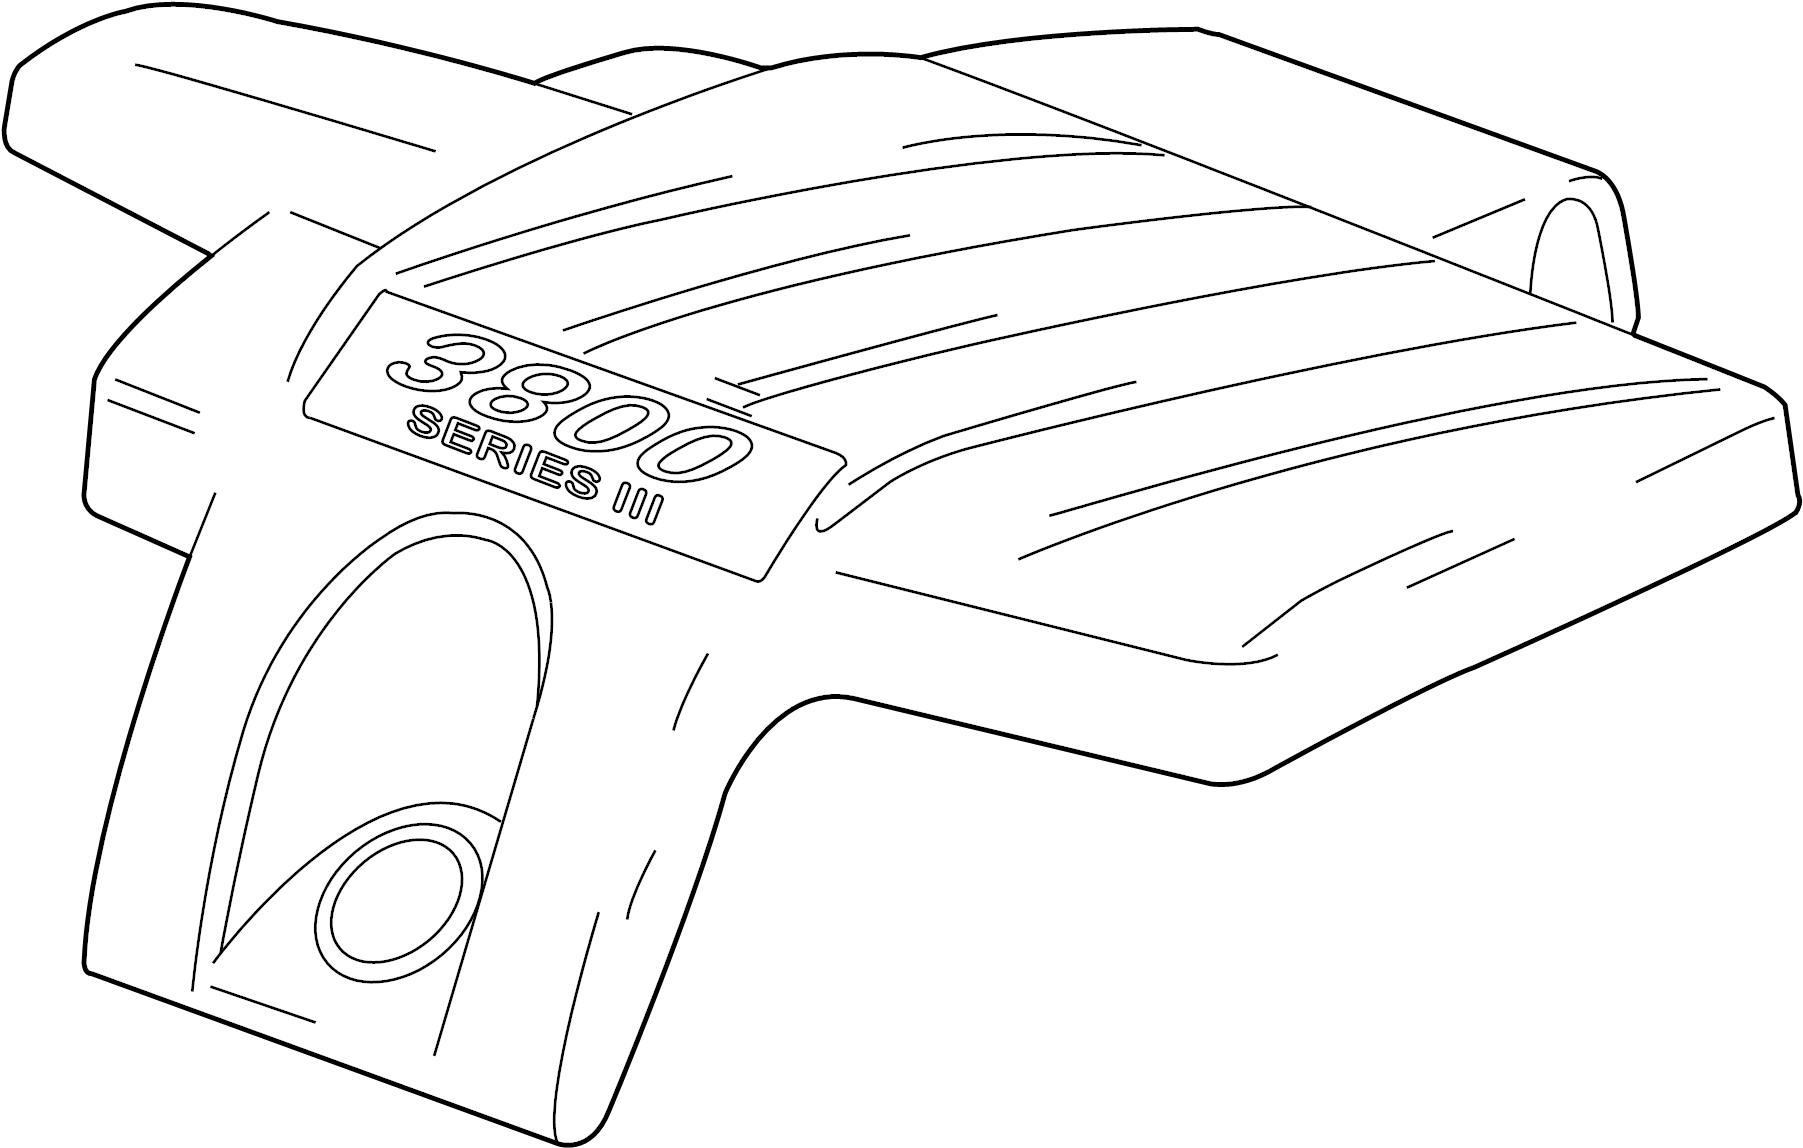 Pontiac Grand Prix Engine Cover. 3.8 LITER. 3.8 LITER, w/o